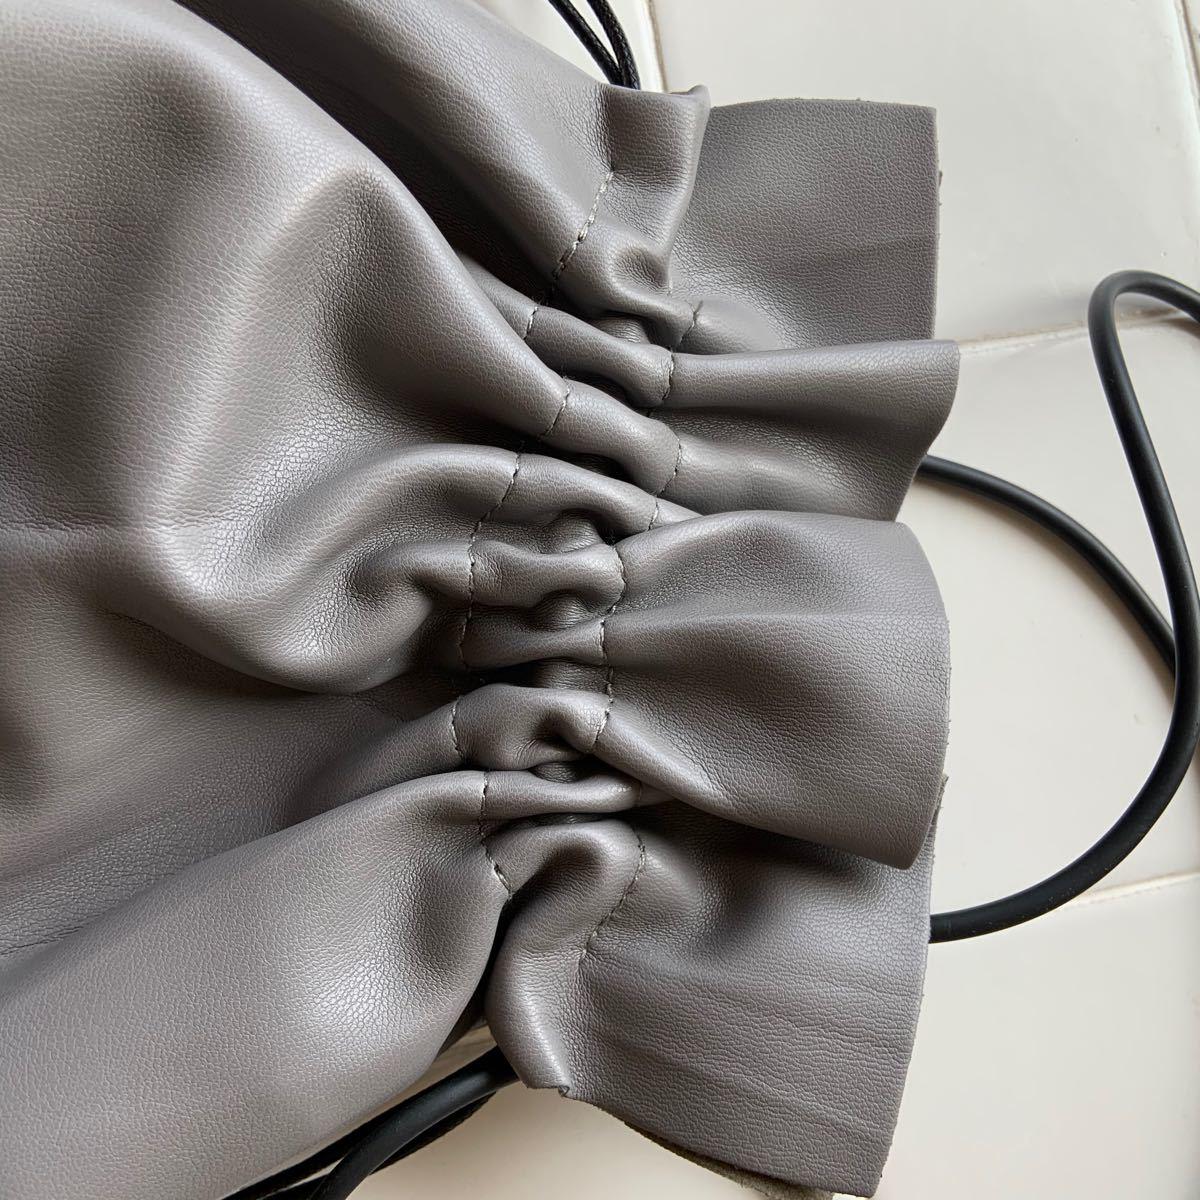 巾着バッグ 2way ショルダー ミニバッグ ポーチ 巾着 韓国 グレー レザー